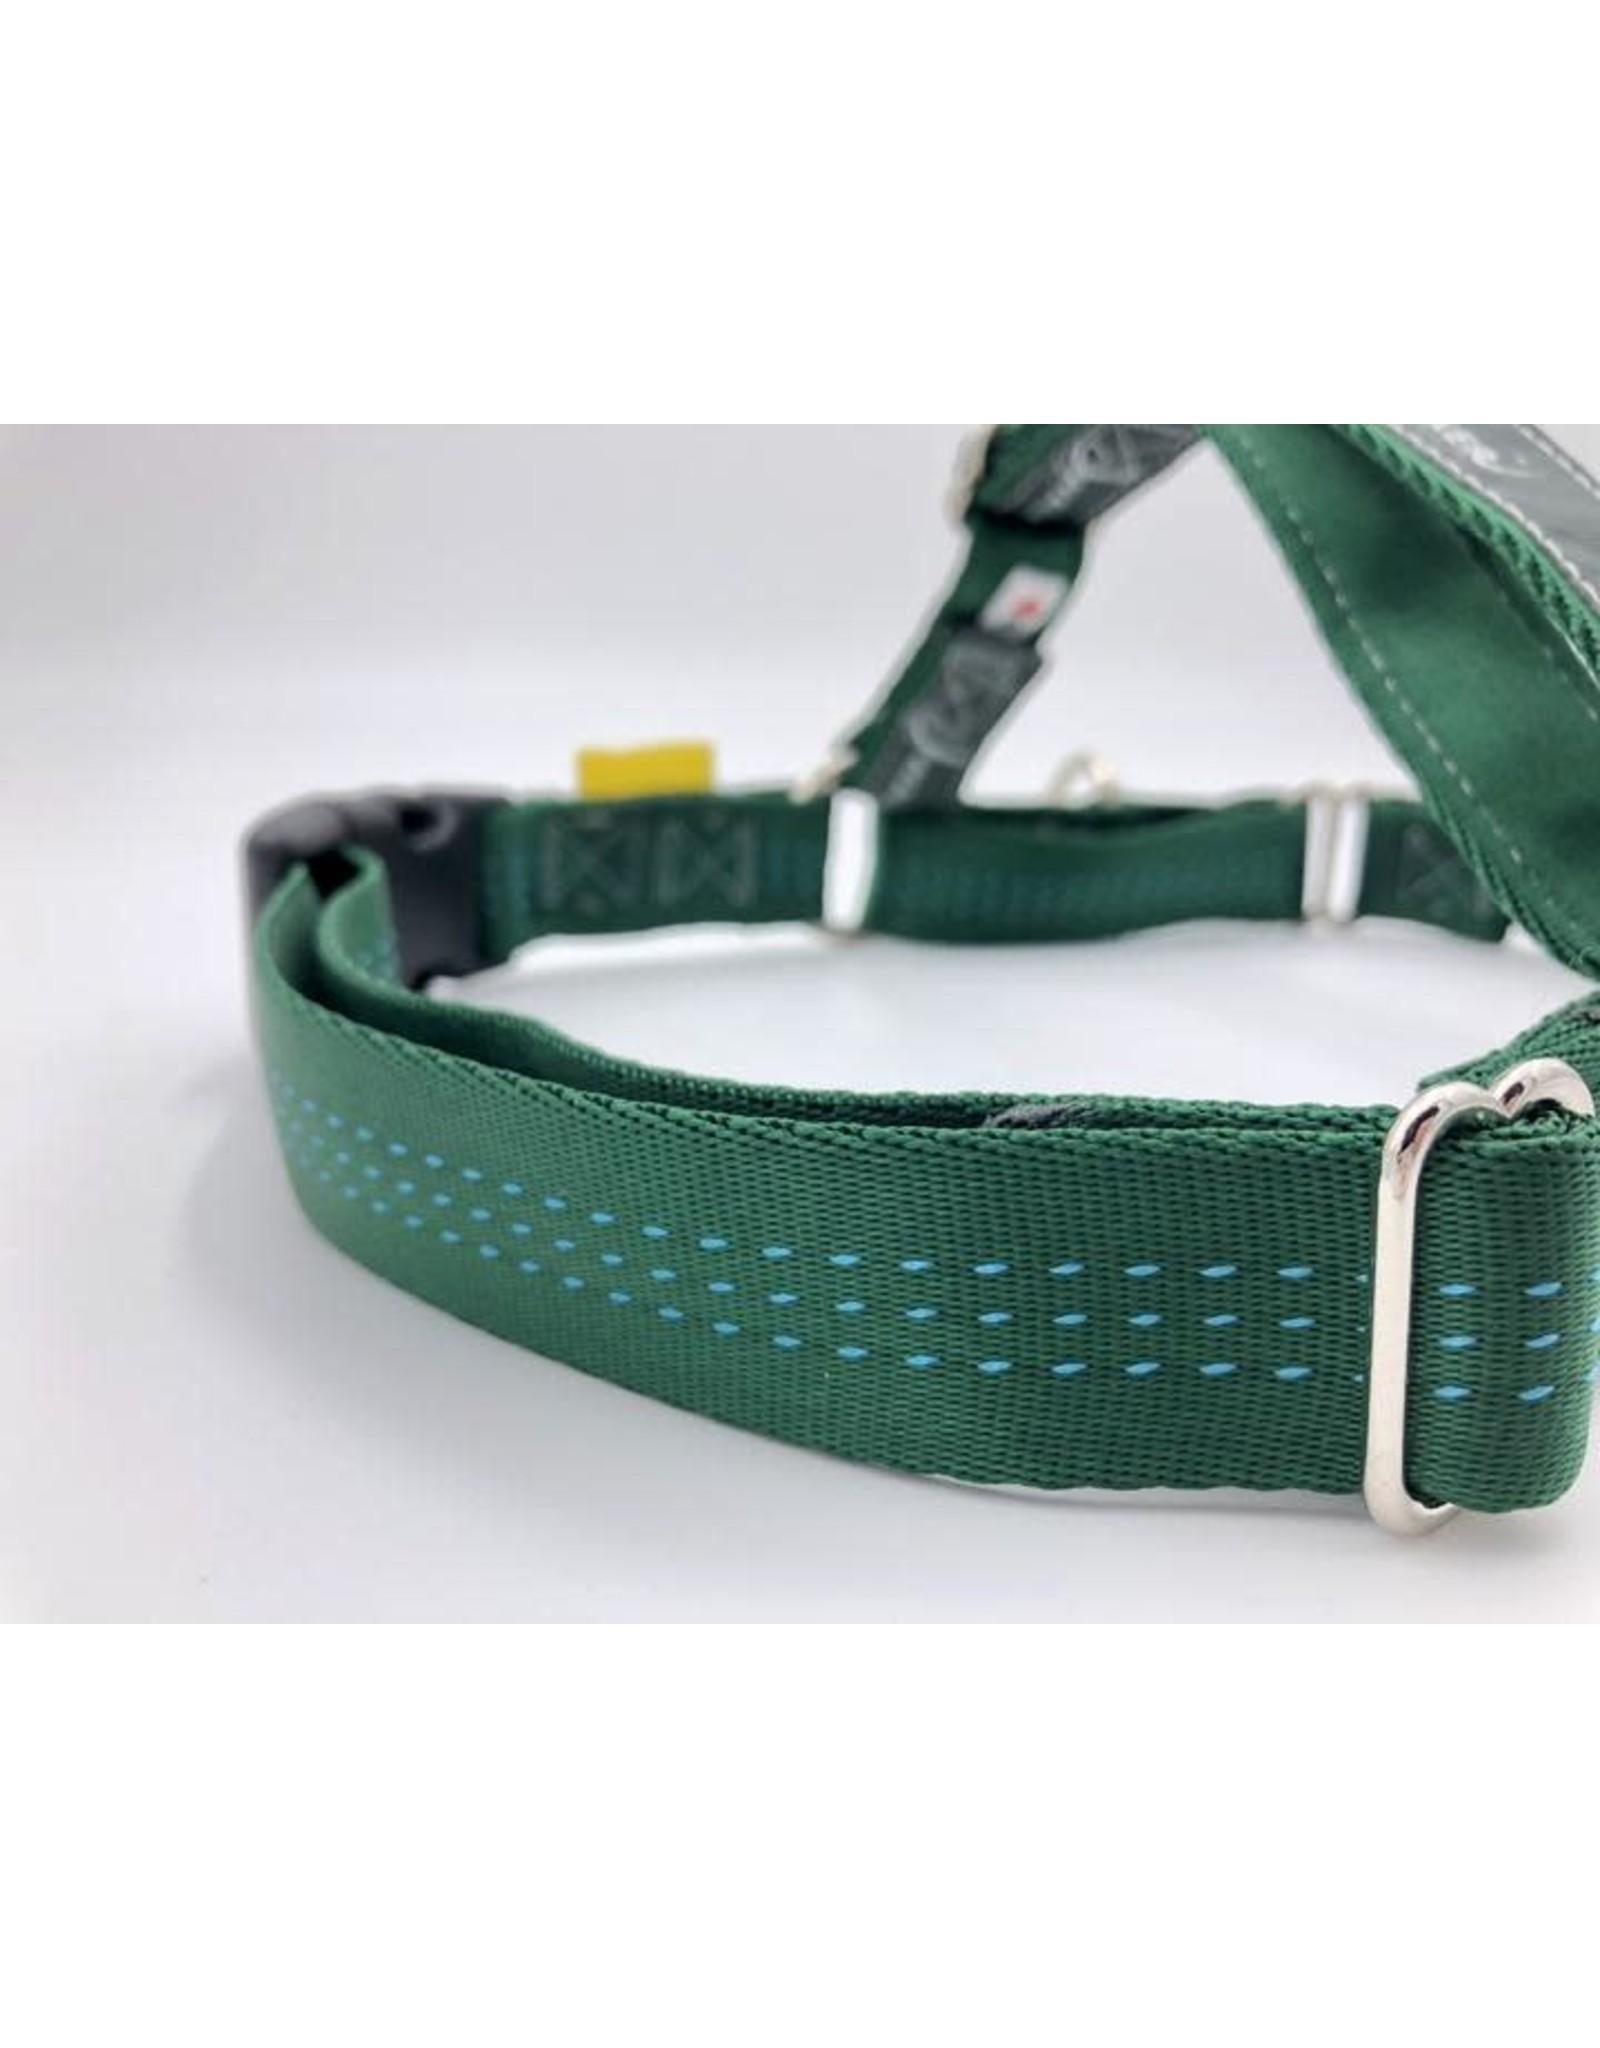 JWalker JWalker Harness - Green - XL